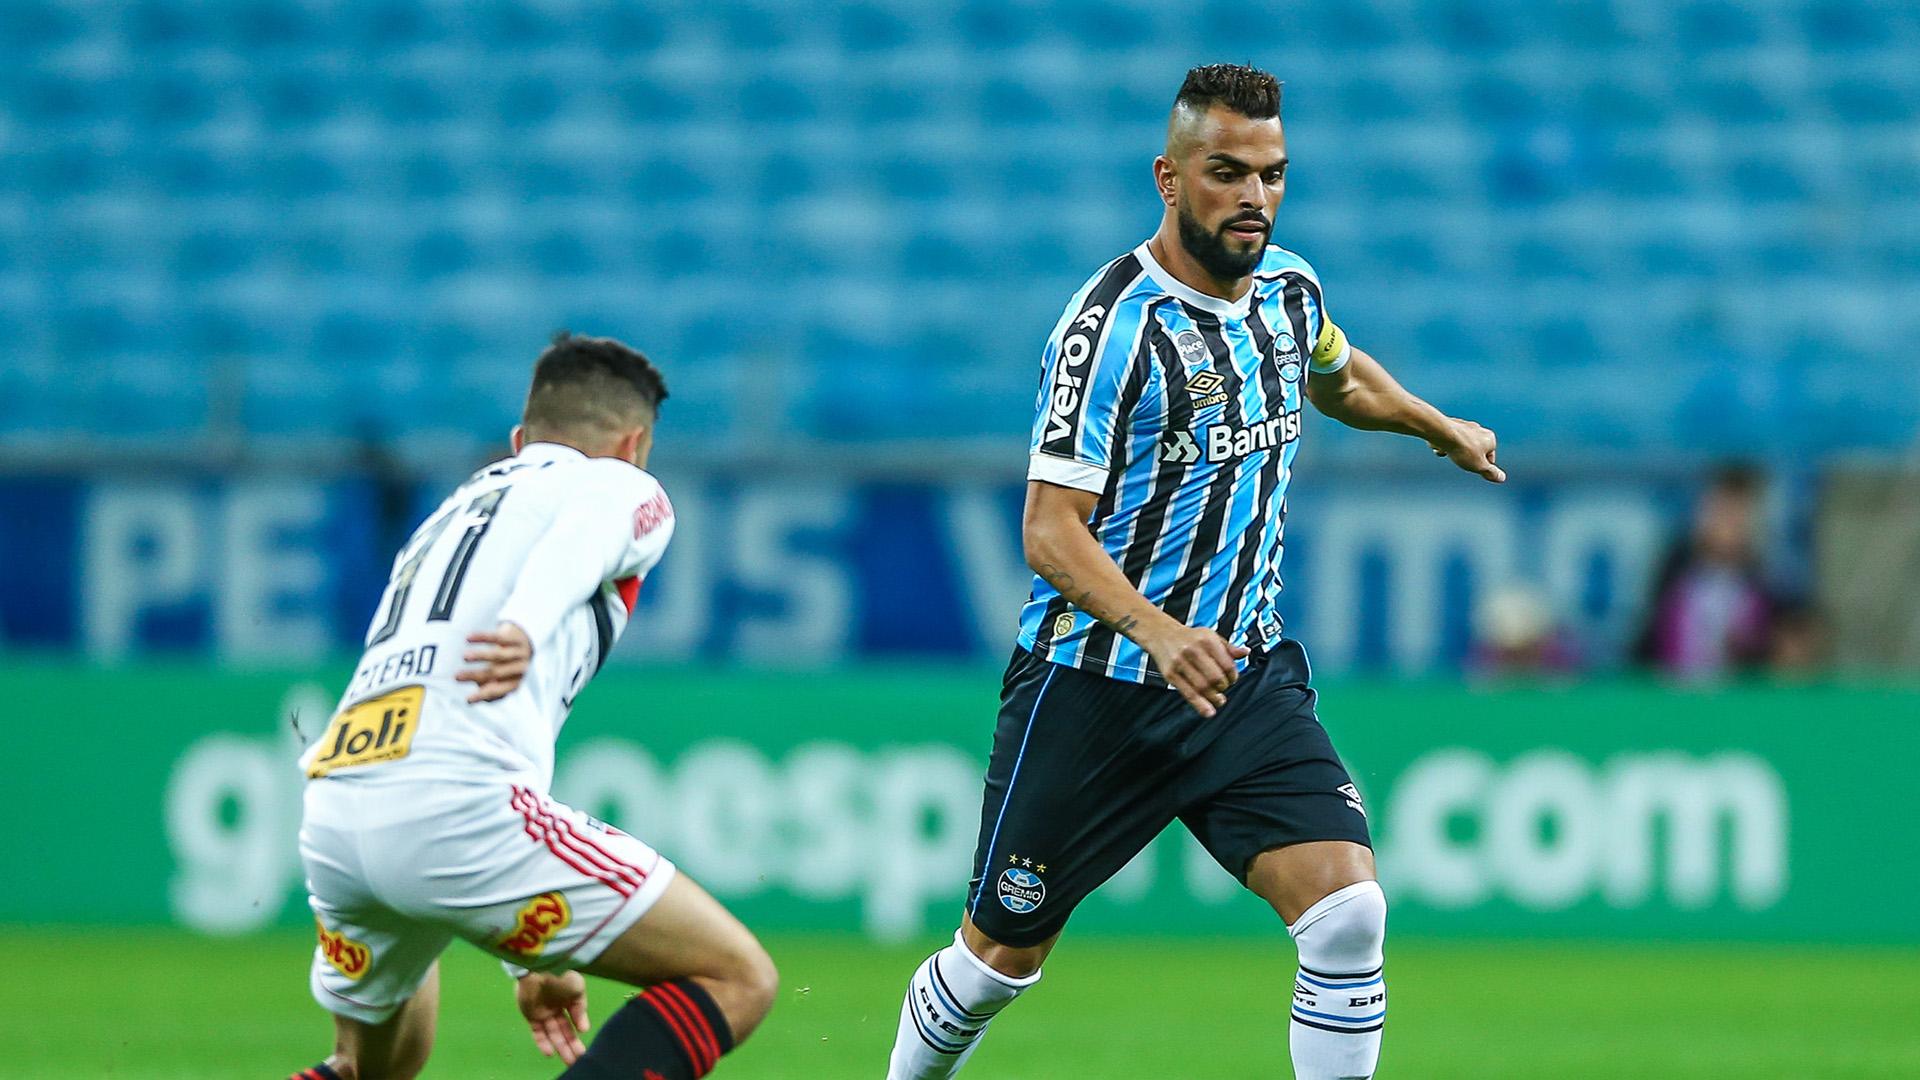 Maicon Gremio Sao Paulo Brasileirao Serie A 26072018